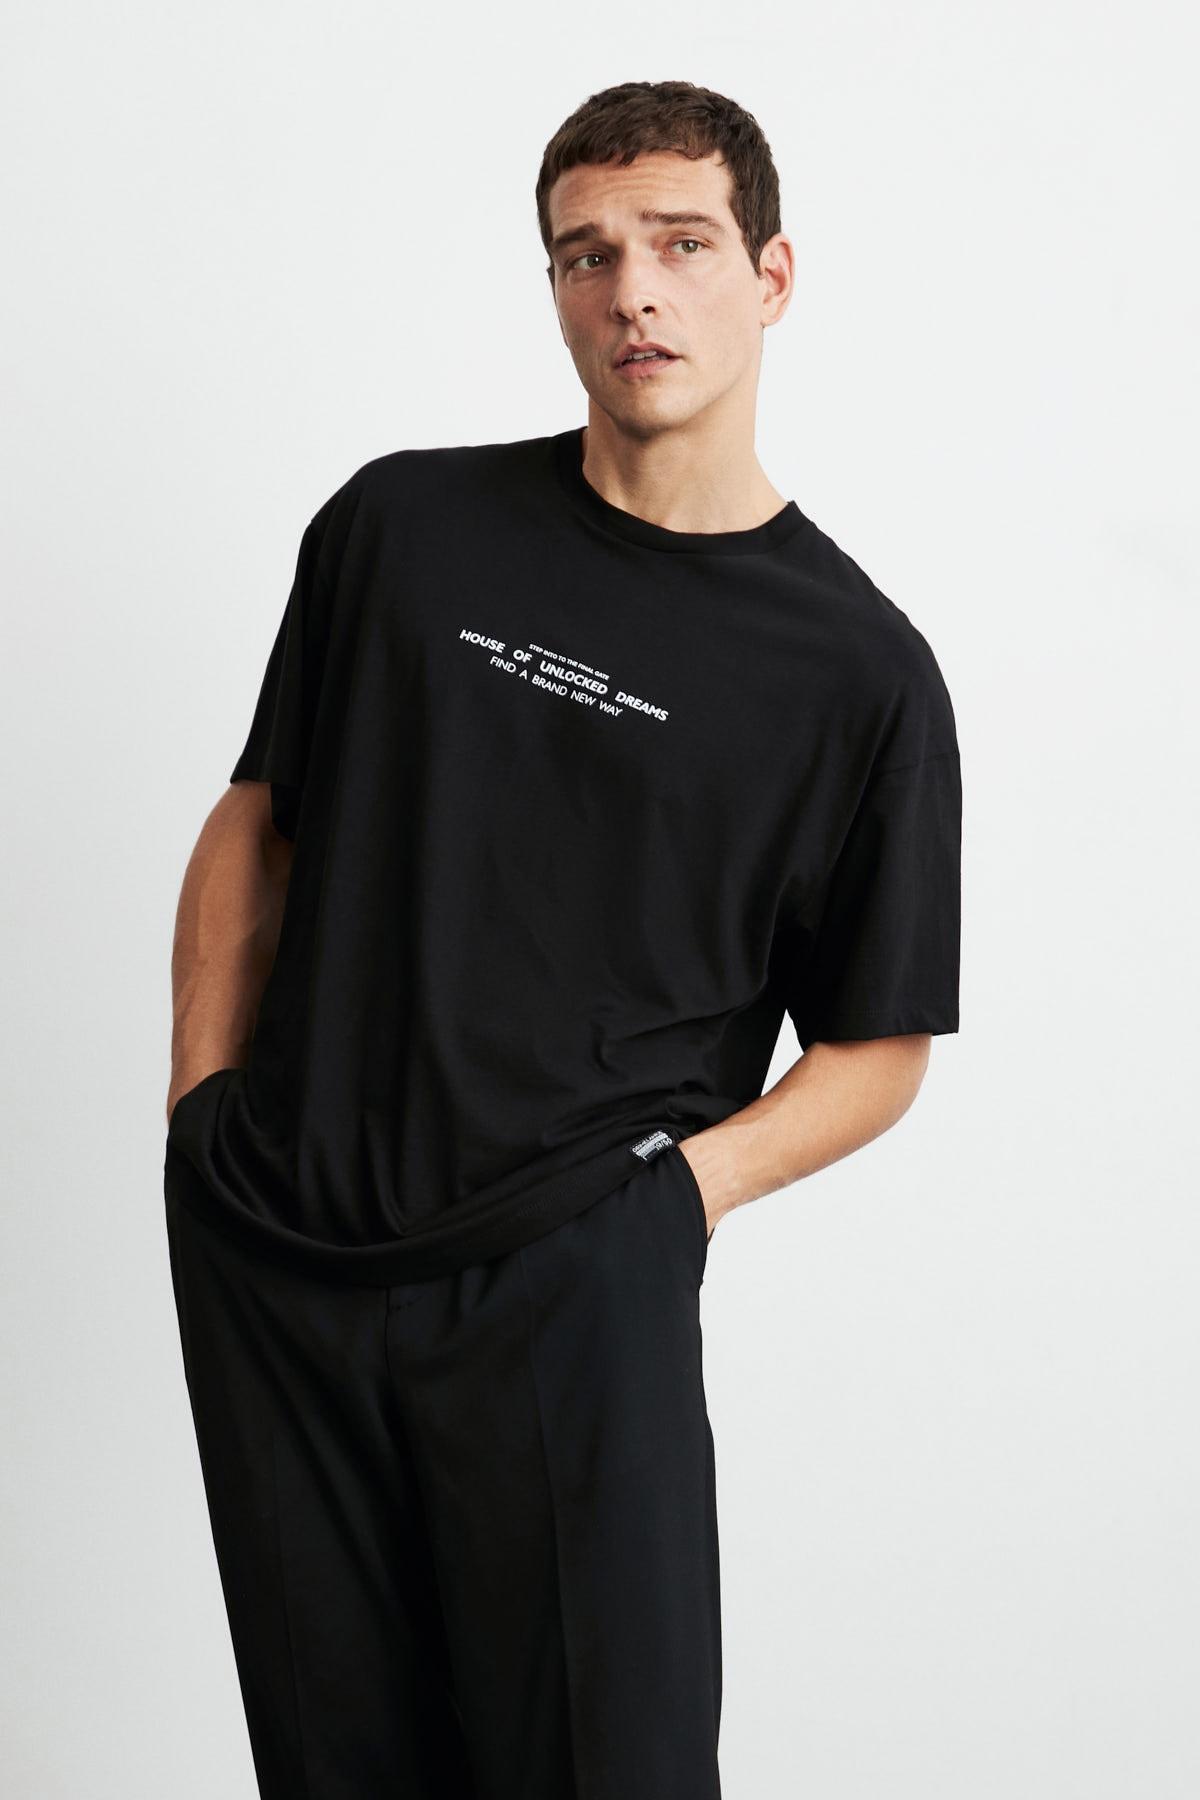 GRIMELANGE FRANK Erkek Siyah Önü Baskılı Kısa Kollu Oversize Bisiklet Yaka T-Shirt 2